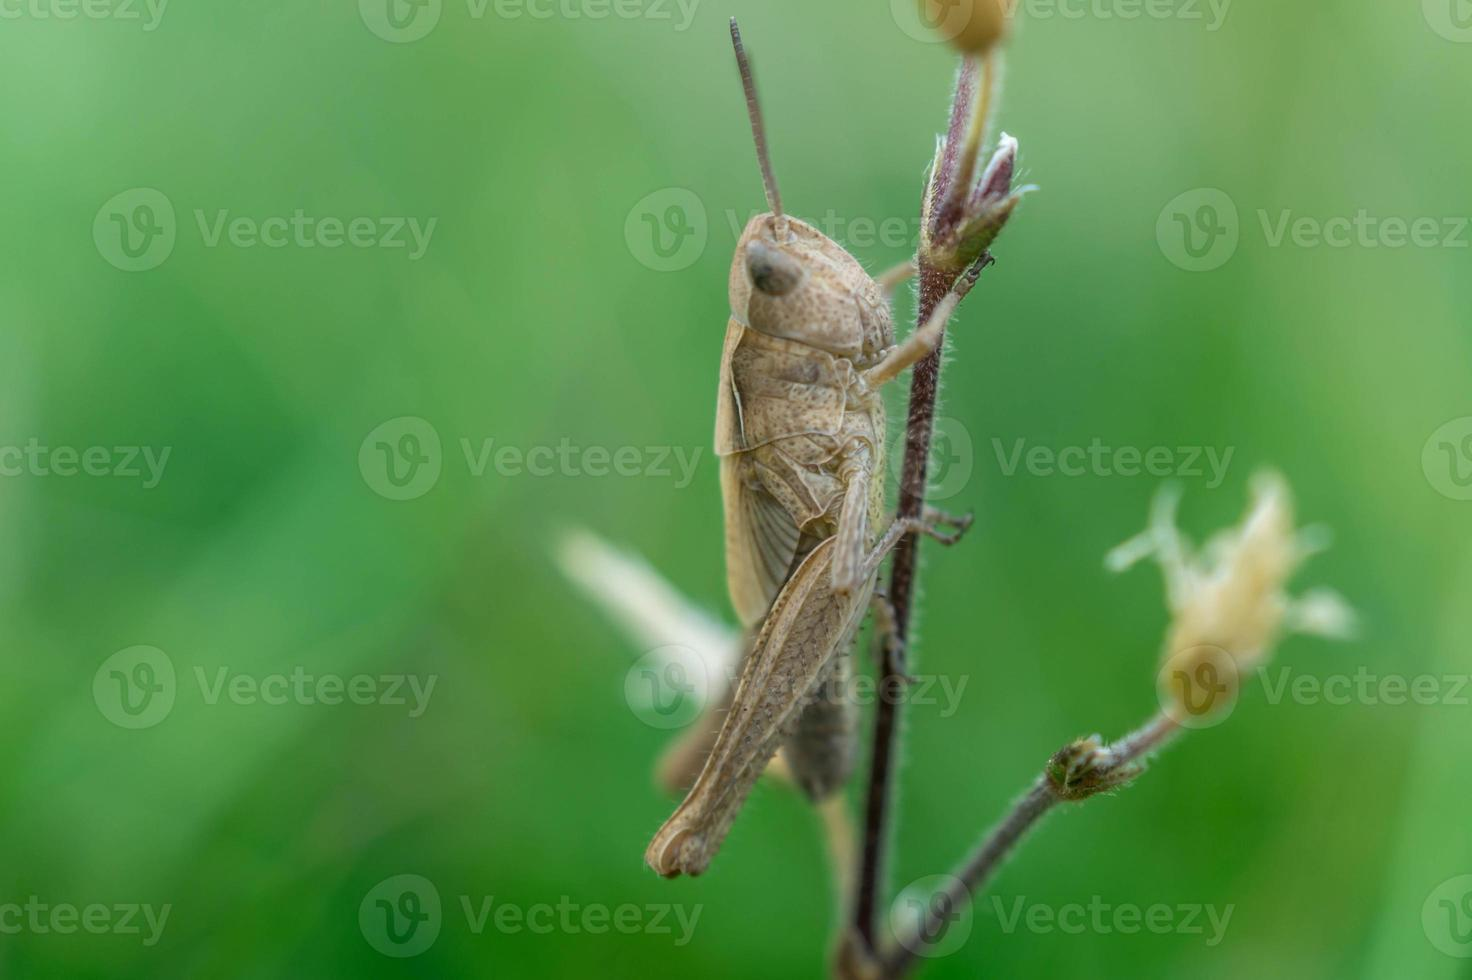 cricket klättrar en stam av en växt. foto